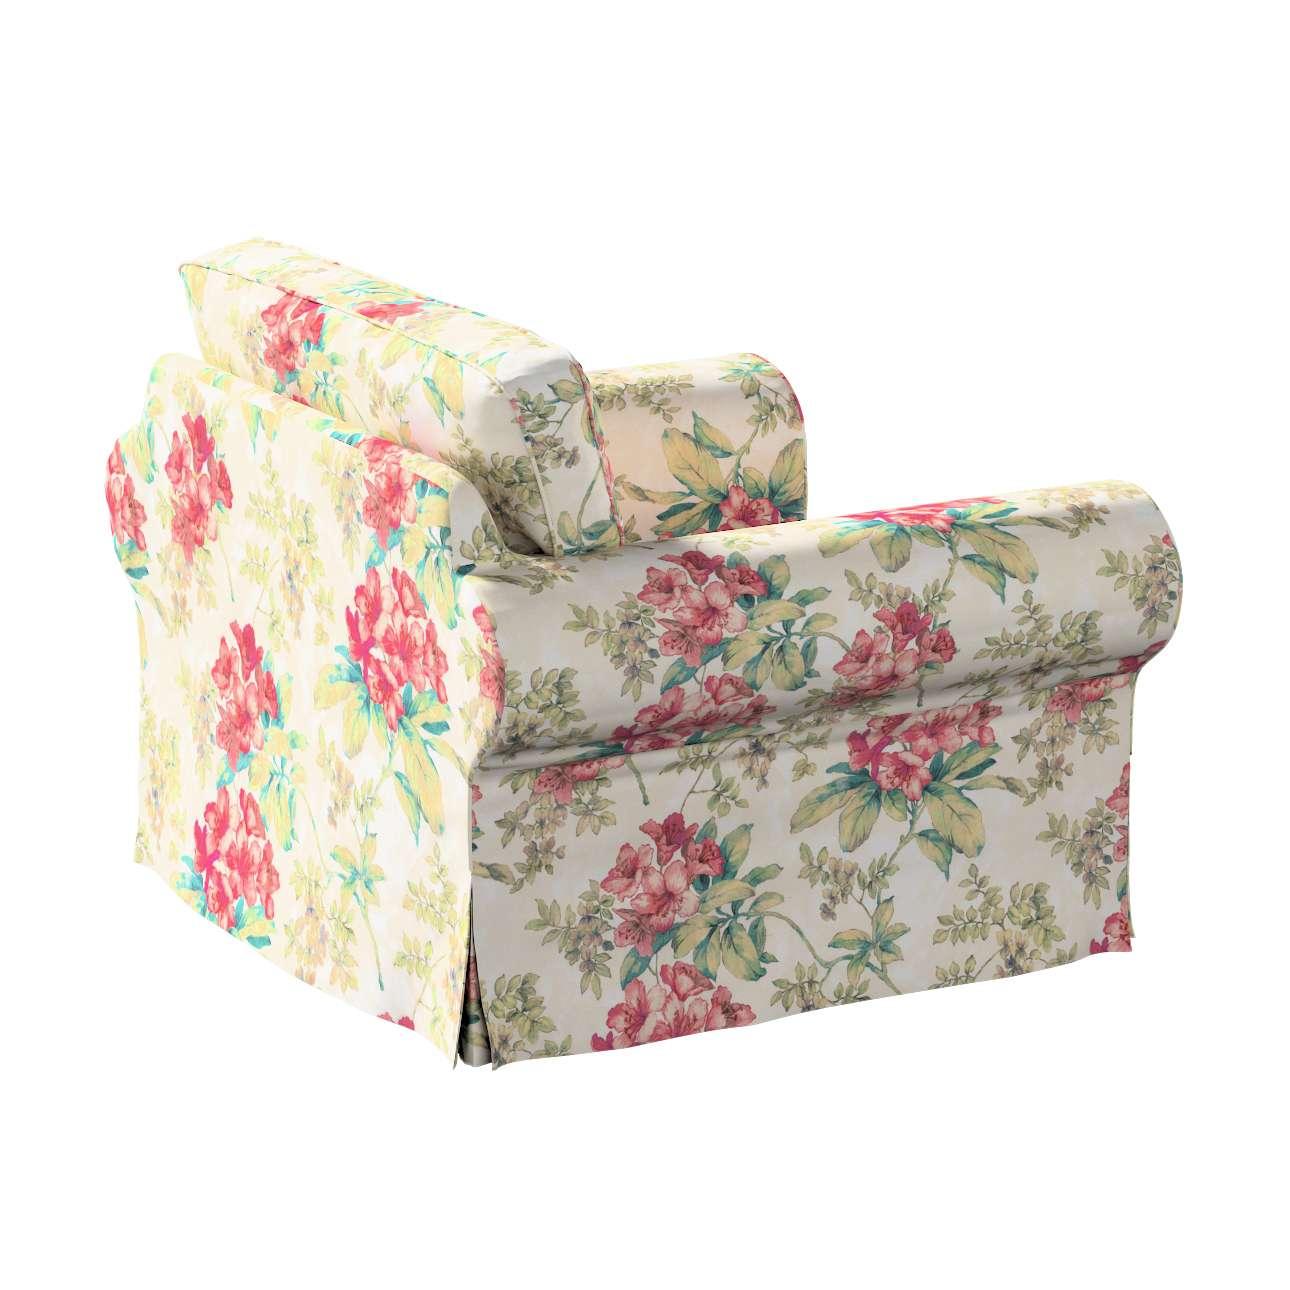 Pokrowiec na fotel Ektorp w kolekcji Londres, tkanina: 143-40